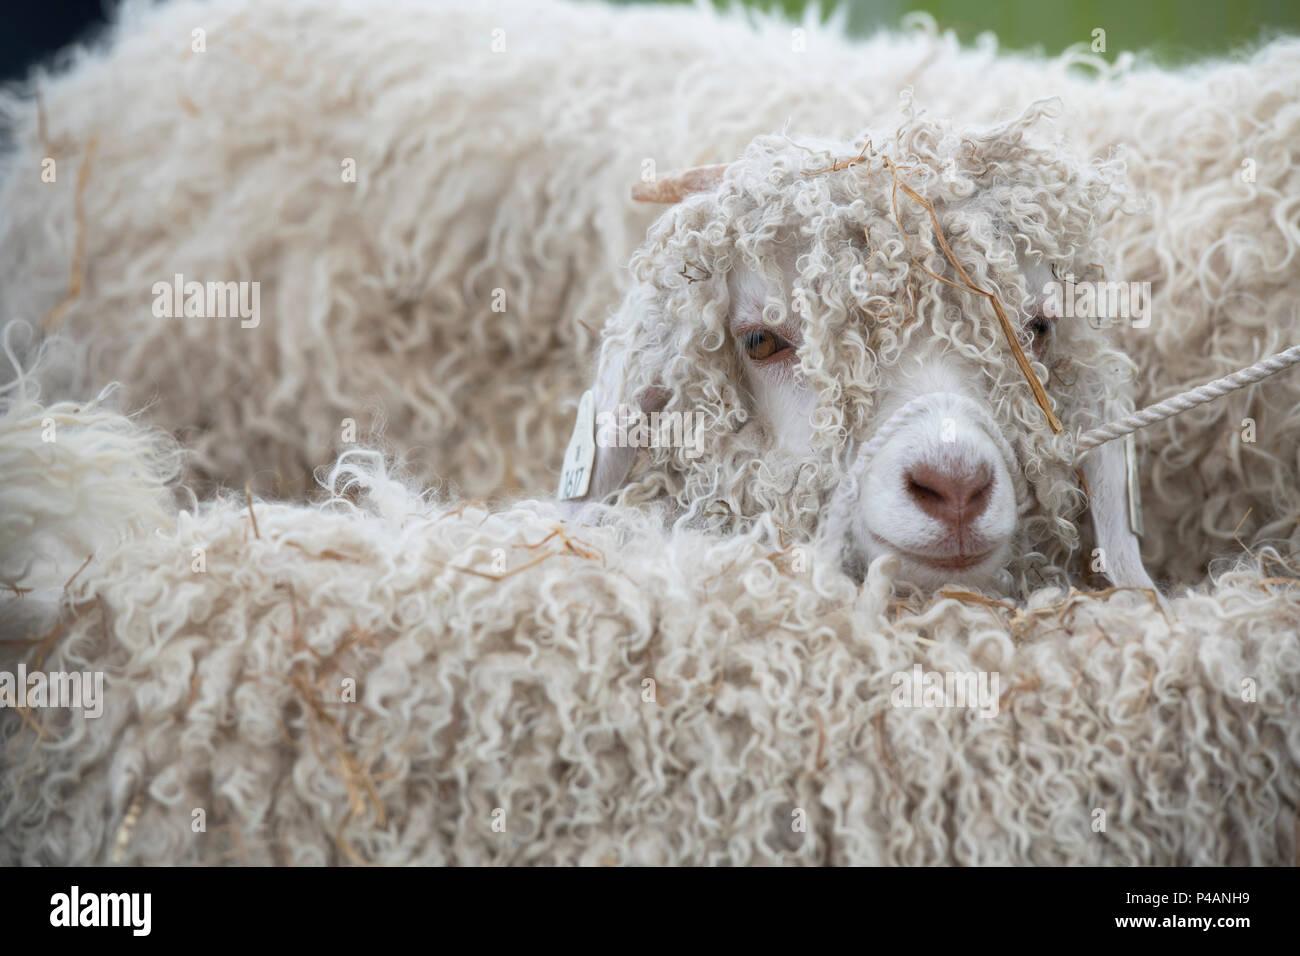 Capra aegagrus hircus. Angora kid Ziegen auf einer Landwirtschaft zeigen. Großbritannien Stockbild